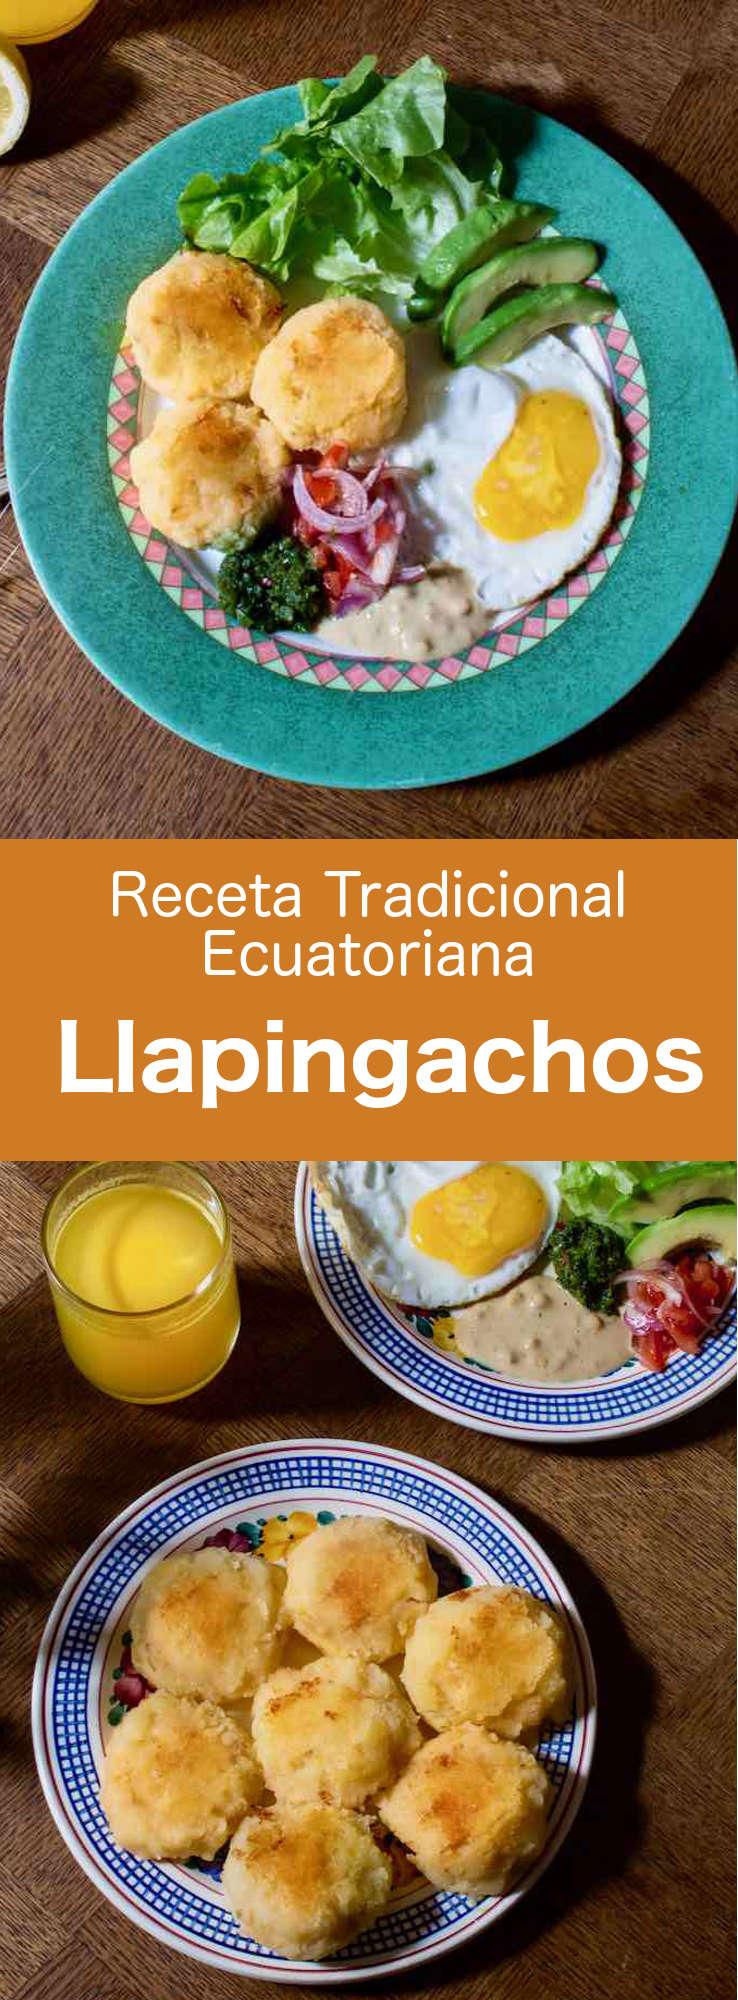 Los llapingachos son unas deliciosas tortas de puré de patatas rellenas con queso de Oaxaca, que son populares en Ecuador y Colombia.